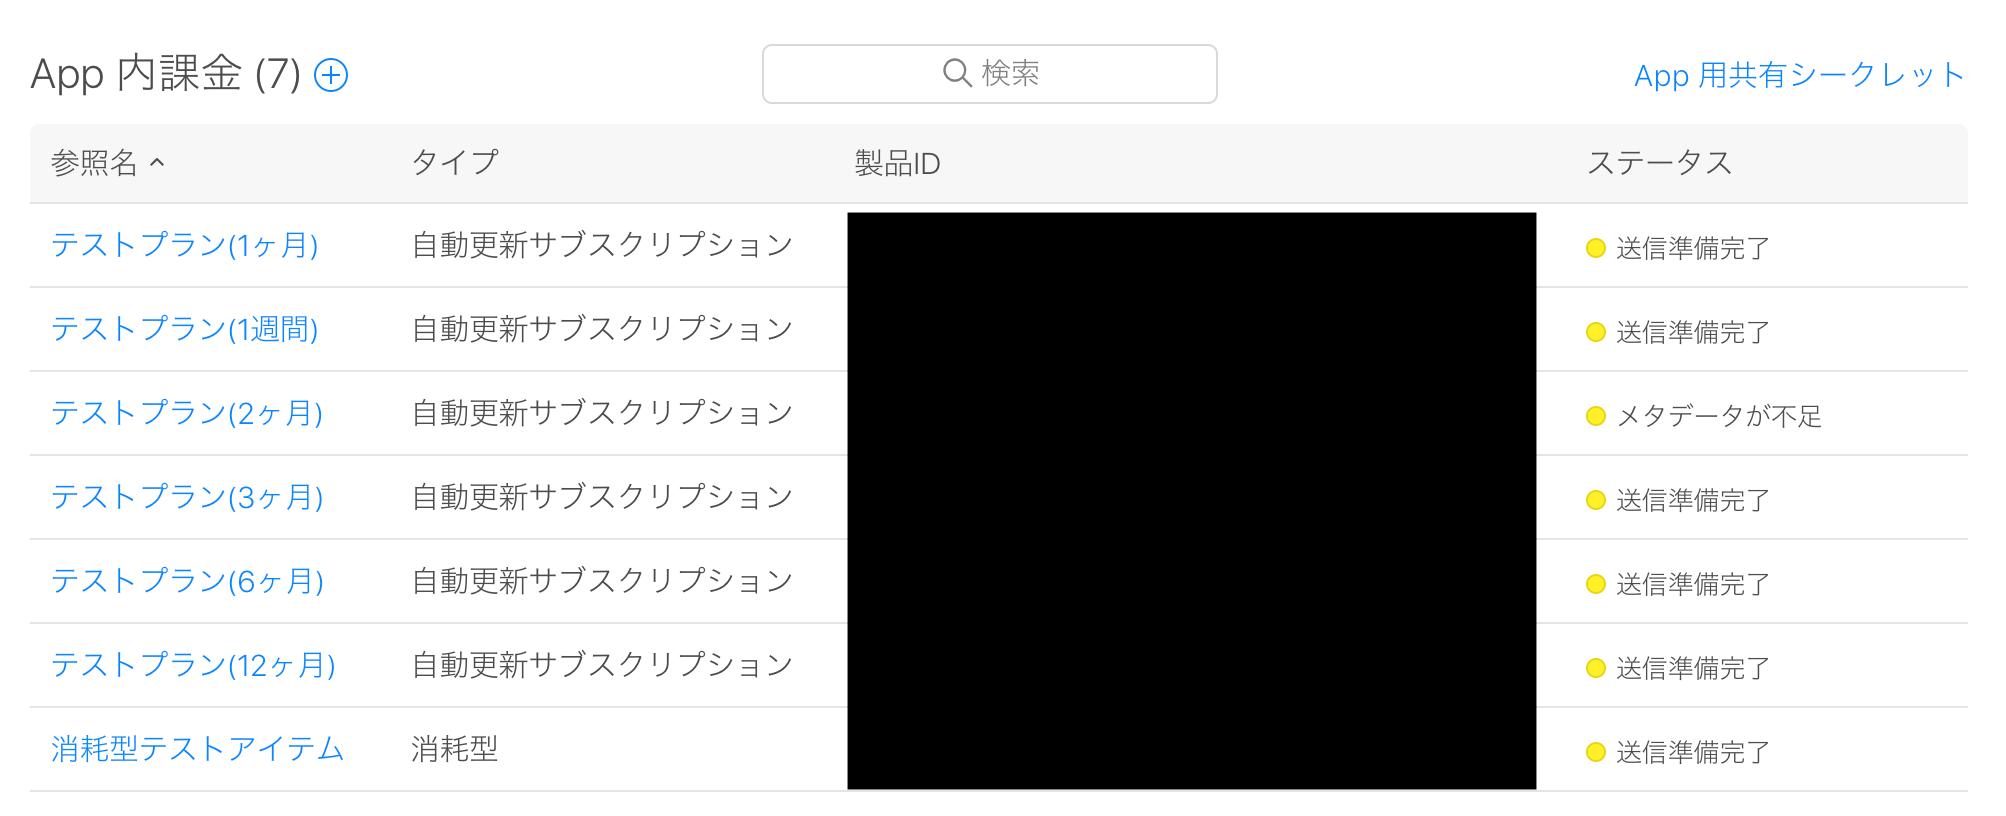 スクリーンショット 2019-08-30 20.22.43.png